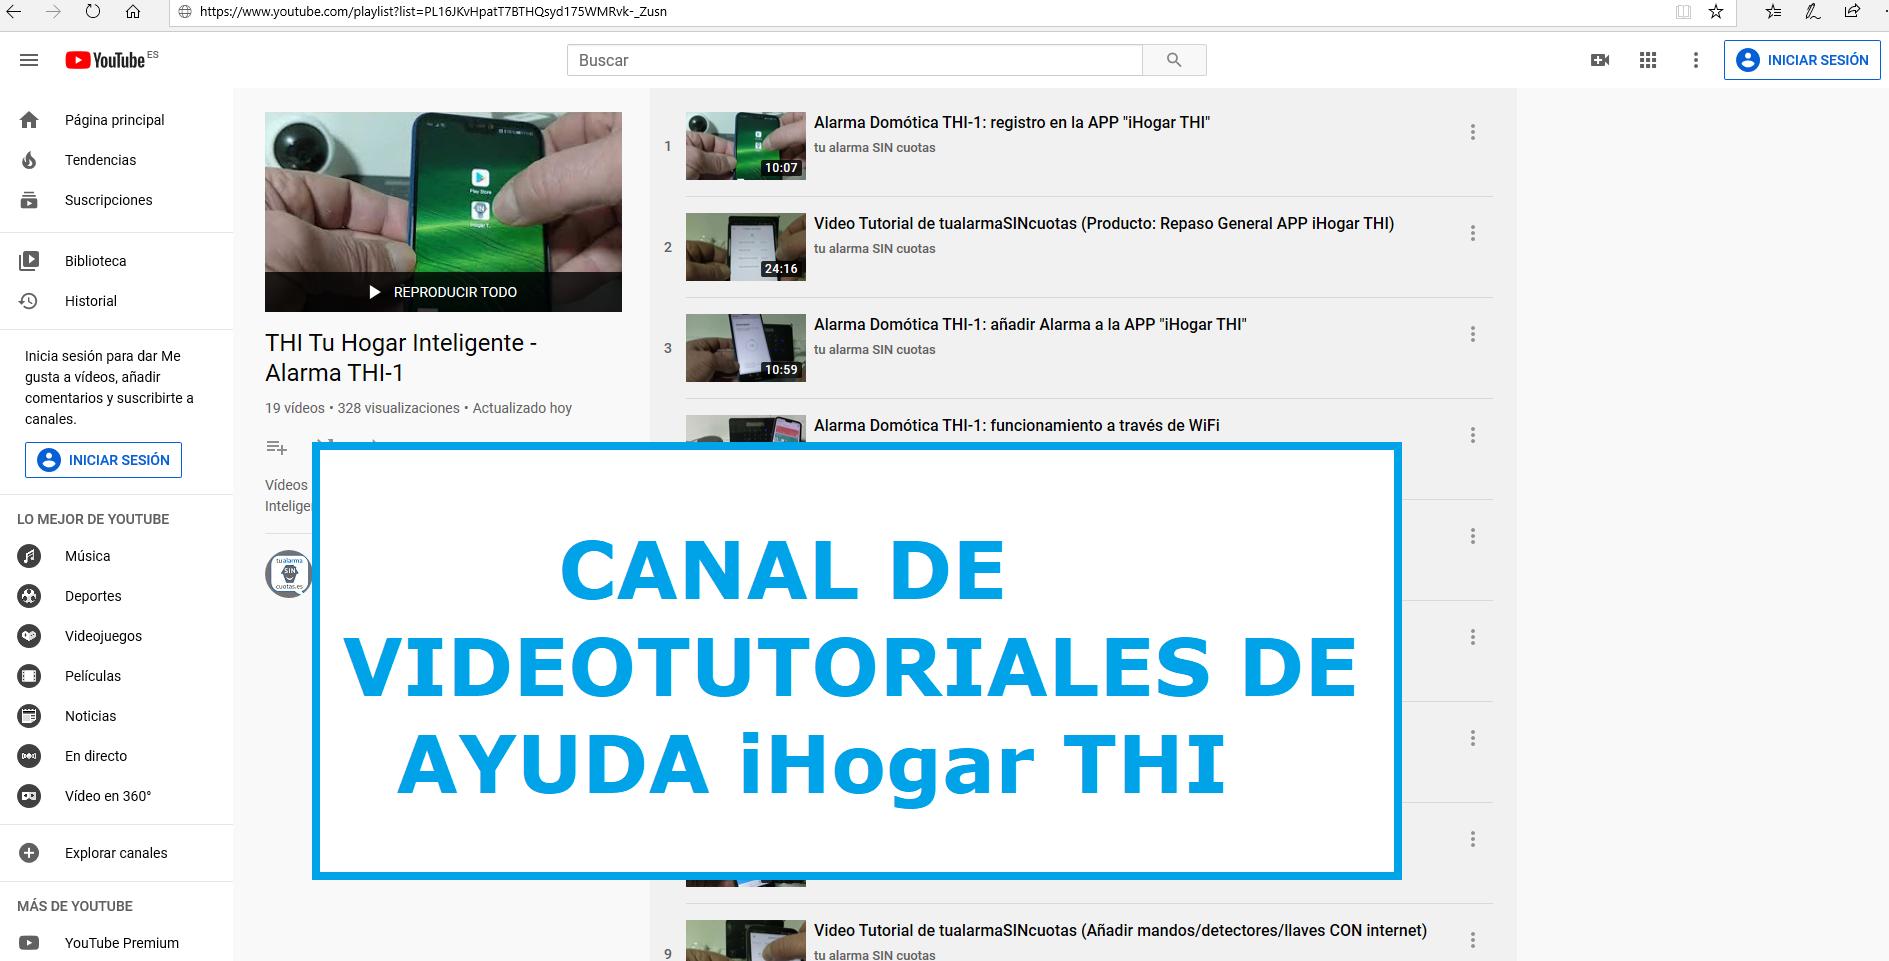 Canal Videotutoriales IHogar THI